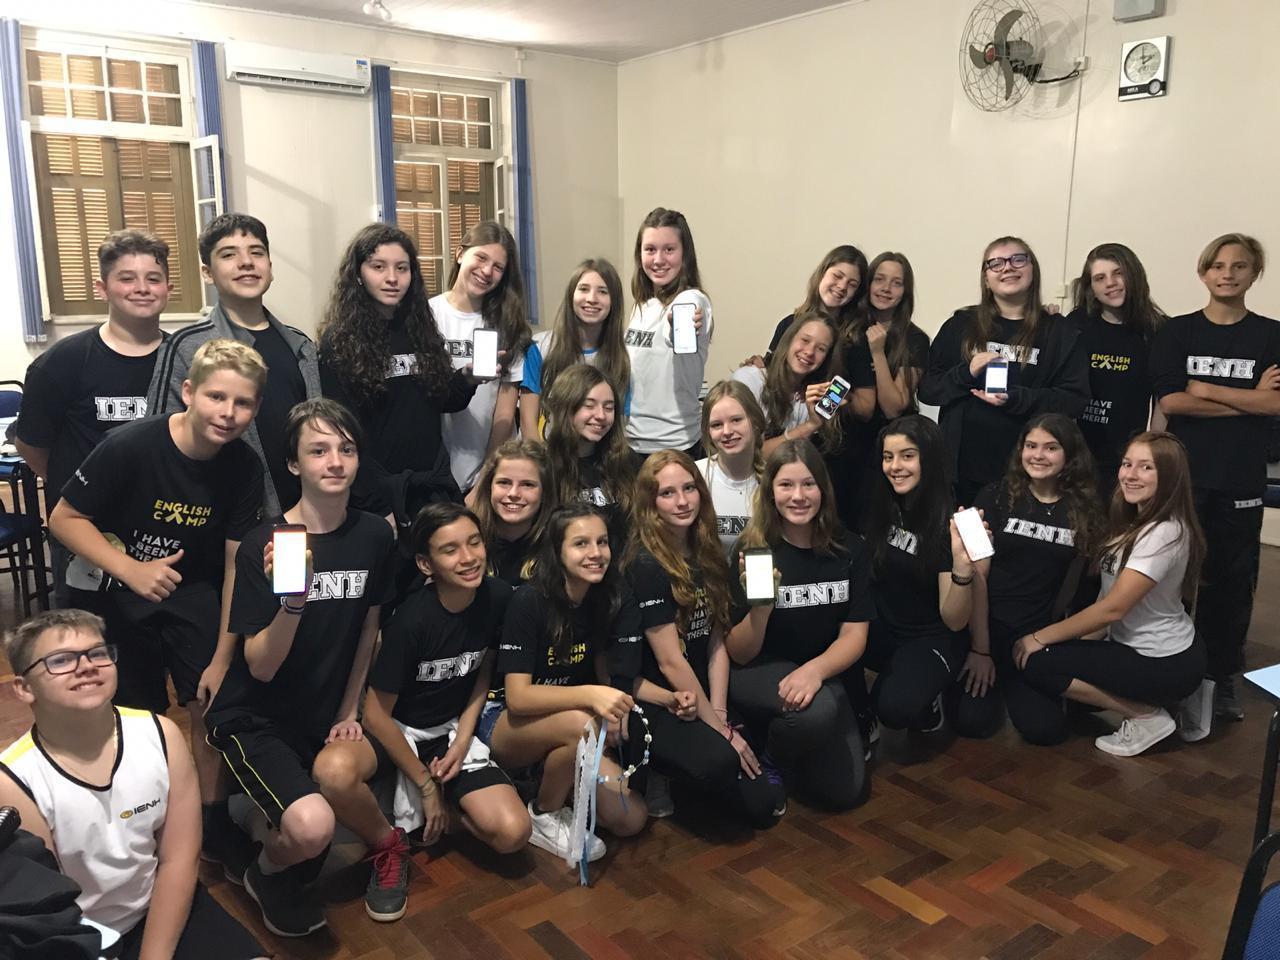 Estudantes promovem campanha sobre consciência ambiental